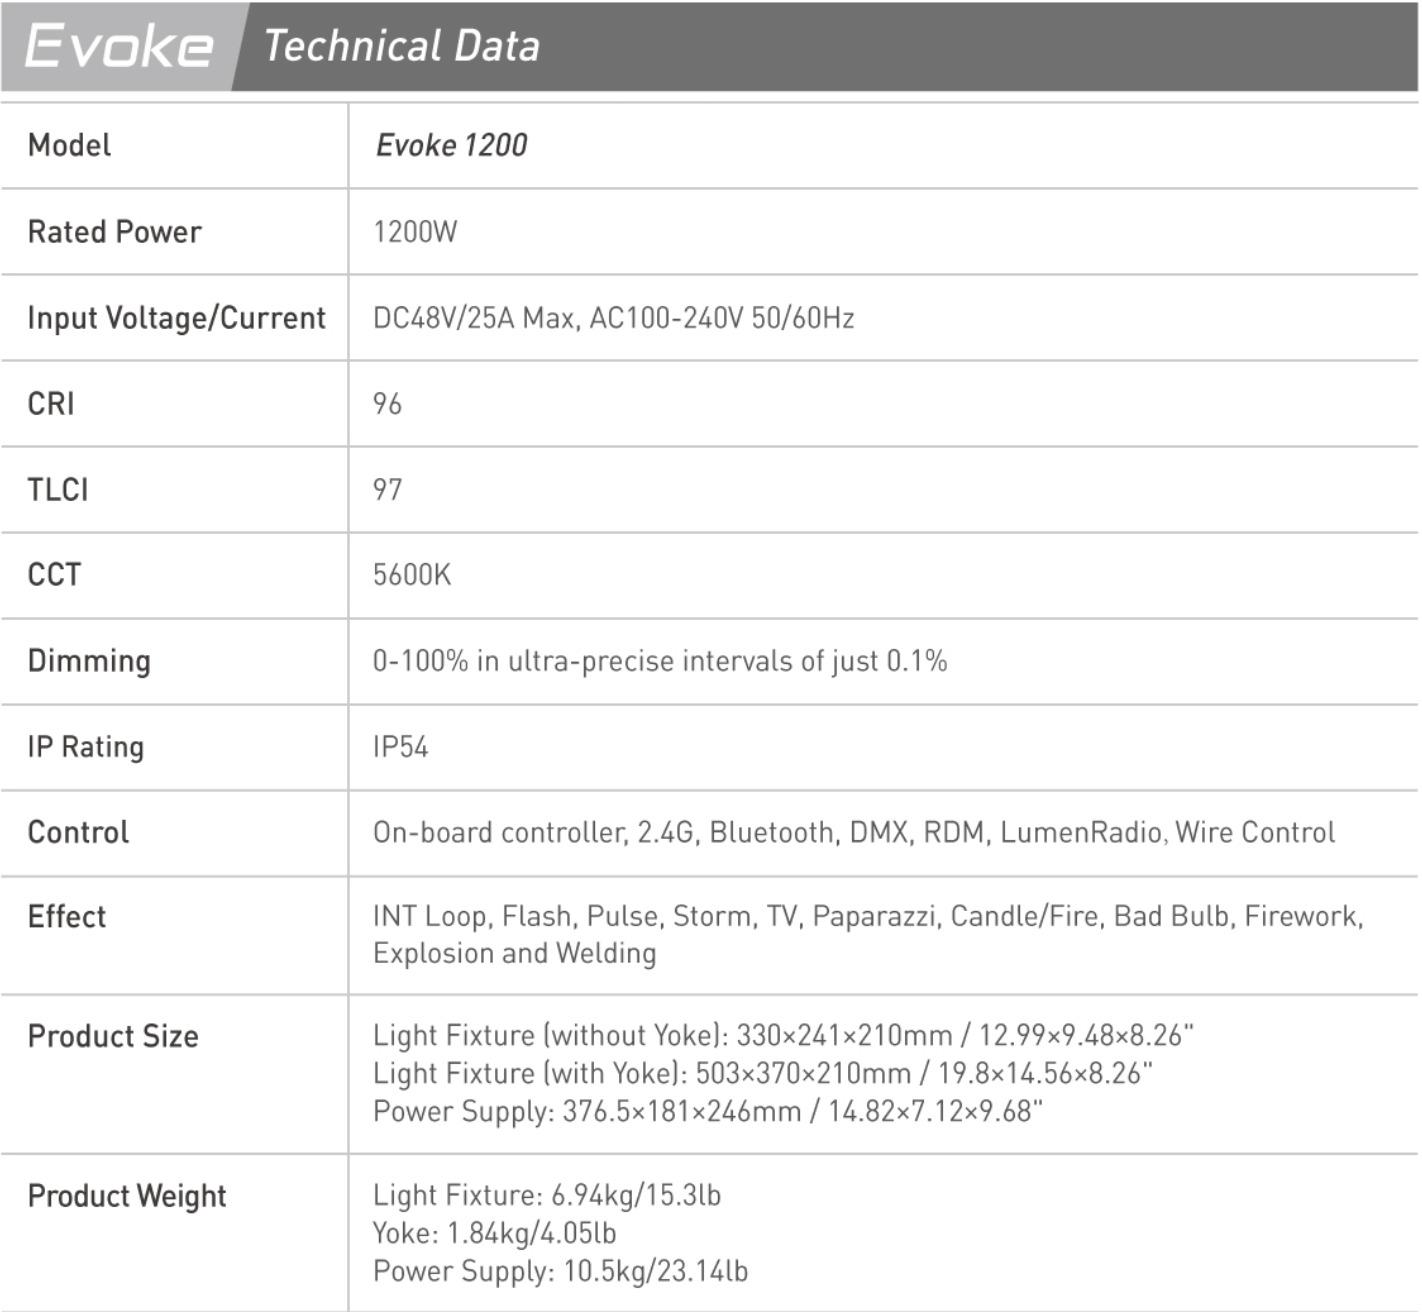 NANLUX EVOKE 1200 LED SPOTLIGHT ANNOUNCED 8